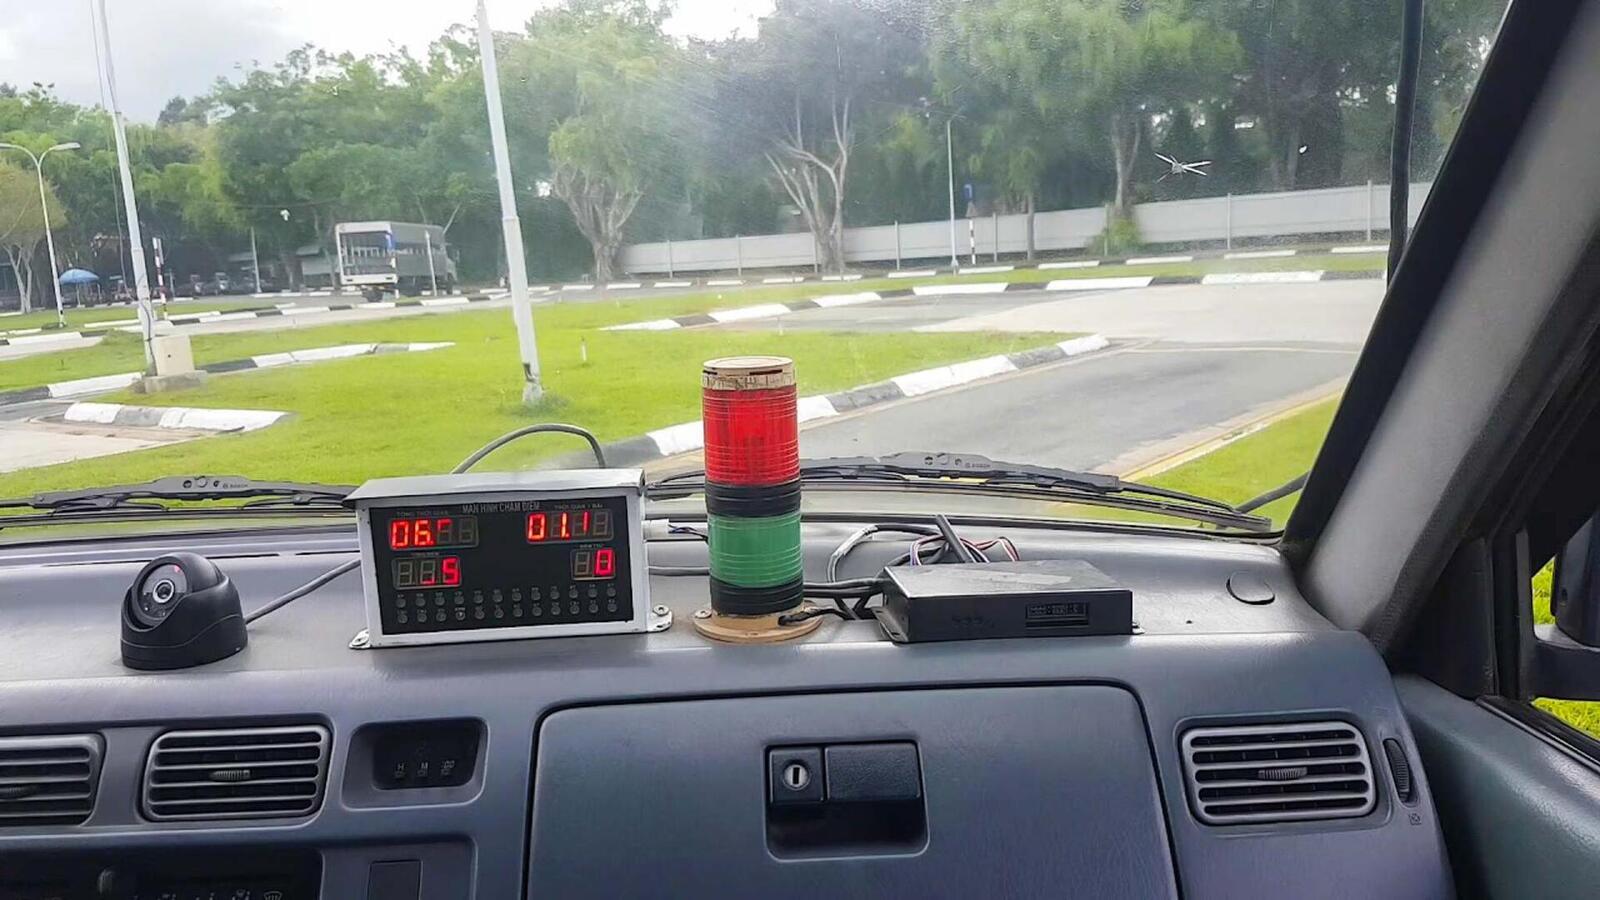 Mang điện thoại khi sát hạch lái xe sẽ bị đánh trượt và cấm thi 05 năm - Hình 3